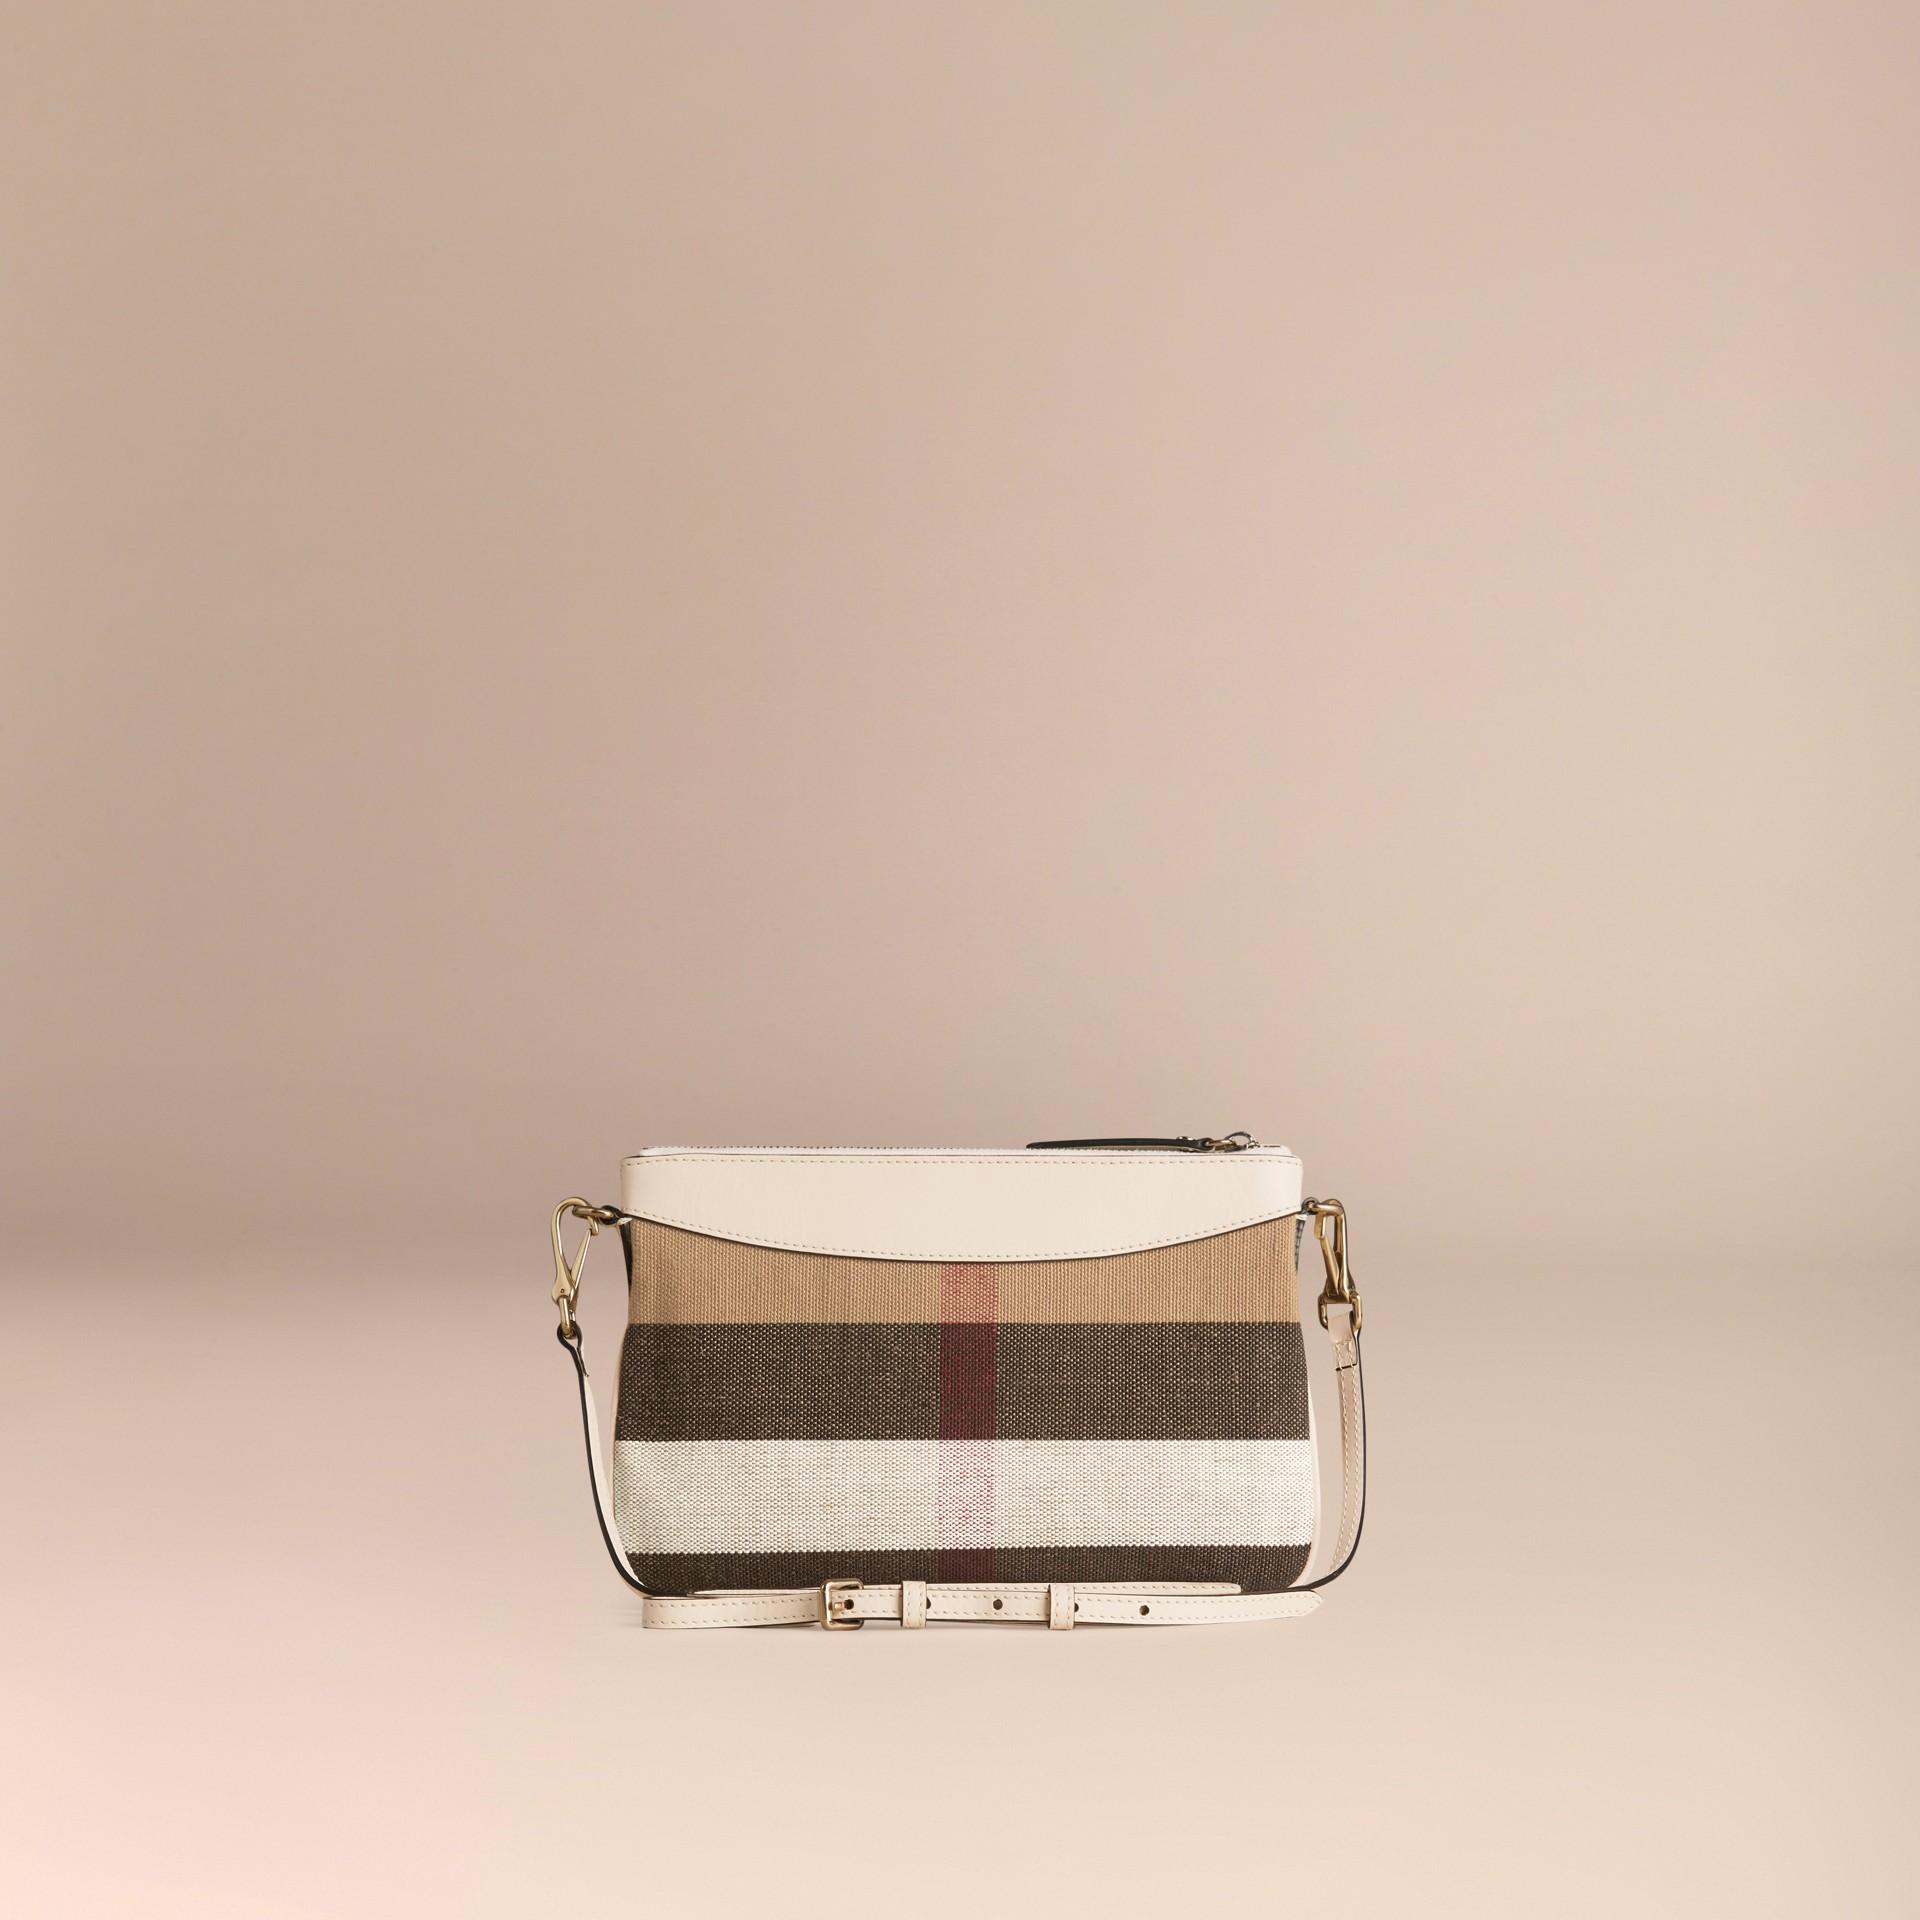 Bianco Pochette con pelle e motivo Canvas check Bianco - immagine della galleria 4